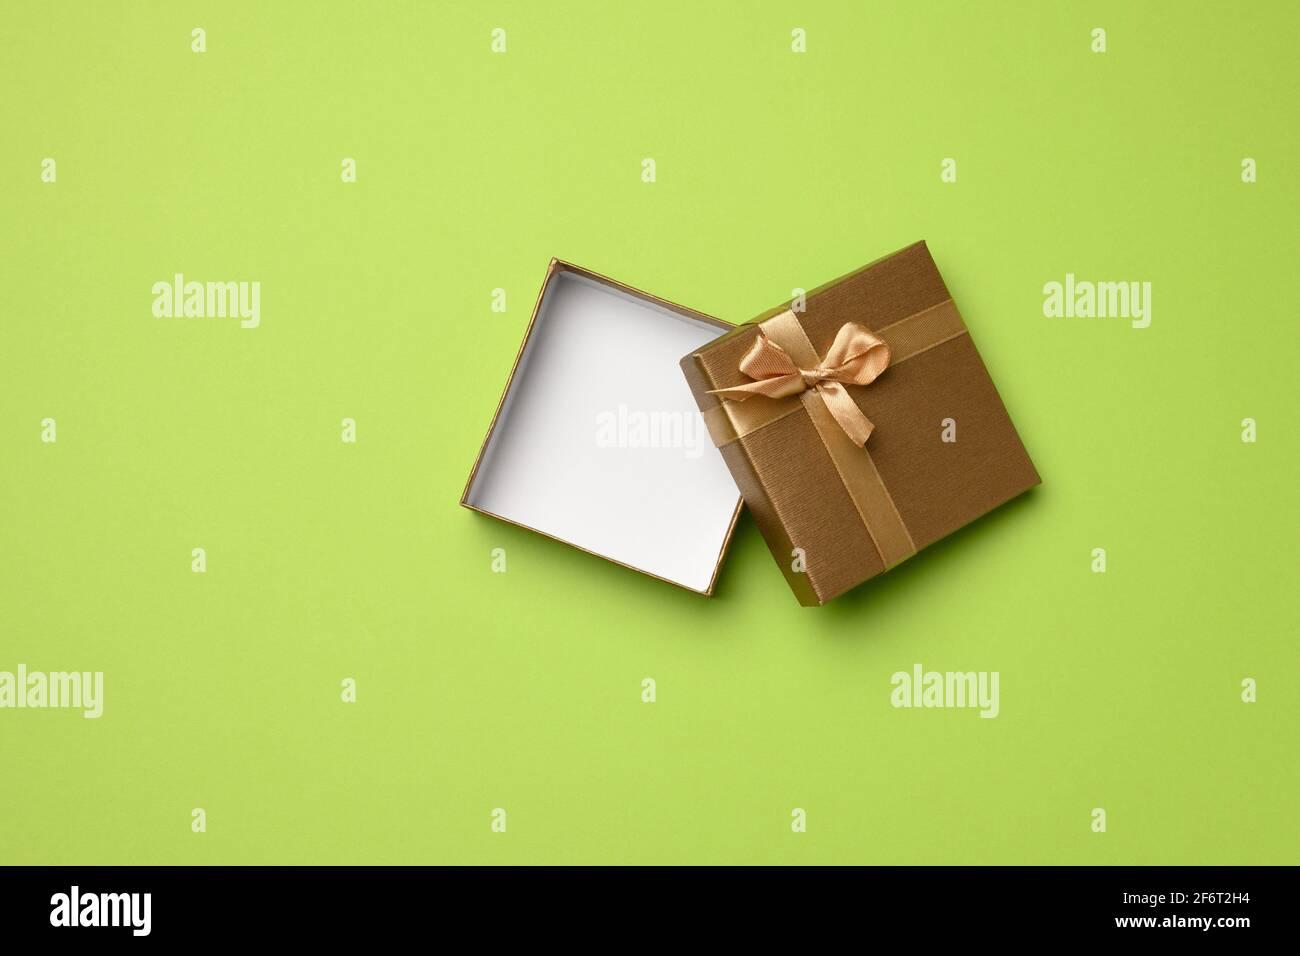 scatola vuota quadrata dorata con arco di cartone su sfondo verde, regalo aperto, vista dall'alto. Foto Stock